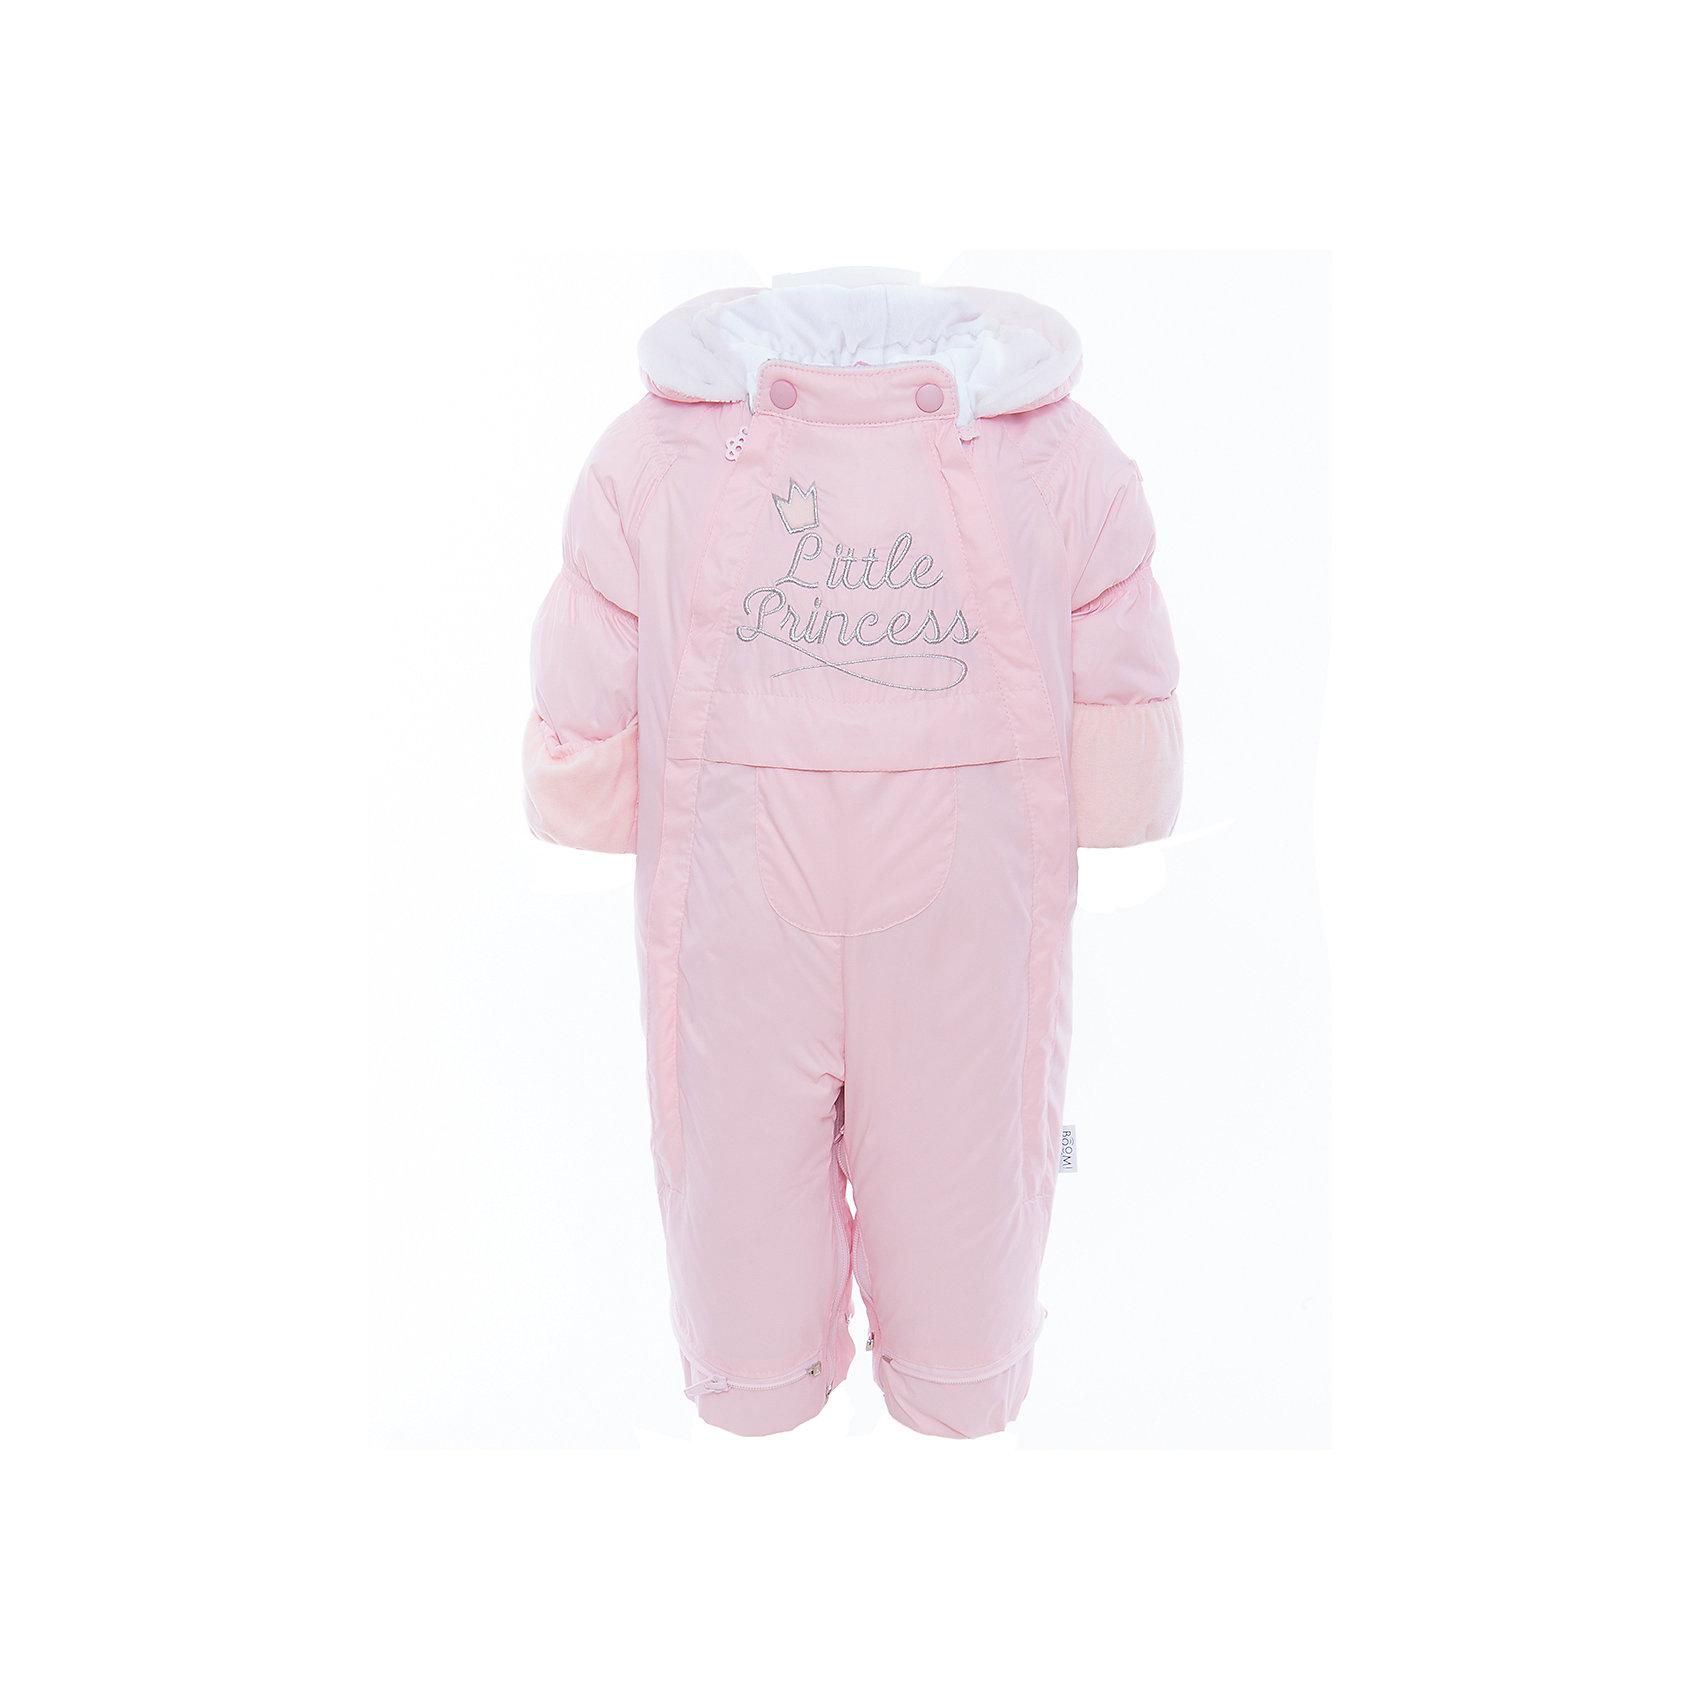 Комбинезон детский BOOM by OrbyВерхняя одежда<br>Характеристики товара:<br><br>• цвет: розовый<br>• состав: верх - болонь, подкладка - поликоттон, утеплитель: эко-синтепон 150 г/м2<br>• температурный режим: от -5 С° до +10 С° <br>• капюшон<br>• застежка - молния<br>• планка от ветра<br>• отделка велюром<br>• декорирована вышивкой<br>• комфортная посадка<br>• страна производства: Российская Федерация<br>• страна бренда: Российская Федерация<br>• коллекция: весна-лето 2017<br><br>Одежда для самых маленьких должна быть особо комфортной! Такой комбинезон - отличный вариант для межсезонья с постоянно меняющейся погодой. Эта модель - модная и удобная одновременно! Изделие отличается стильным ярким дизайном. Комбинезон дополнен мягкой подкладкой. Вещь была разработана специально для малышей.<br><br>Одежда от российского бренда BOOM by Orby уже завоевала популярностью у многих детей и их родителей. Вещи, выпускаемые компанией, качественные, продуманные и очень удобные. Для производства коллекций используются только безопасные для детей материалы. Спешите приобрести модели из новой коллекции Весна-лето 2017! <br><br>Комбинезон детский от бренда BOOM by Orby можно купить в нашем интернет-магазине.<br><br>Ширина мм: 356<br>Глубина мм: 10<br>Высота мм: 245<br>Вес г: 519<br>Цвет: розовый<br>Возраст от месяцев: 2<br>Возраст до месяцев: 5<br>Пол: Унисекс<br>Возраст: Детский<br>Размер: 62,74,68<br>SKU: 5343541